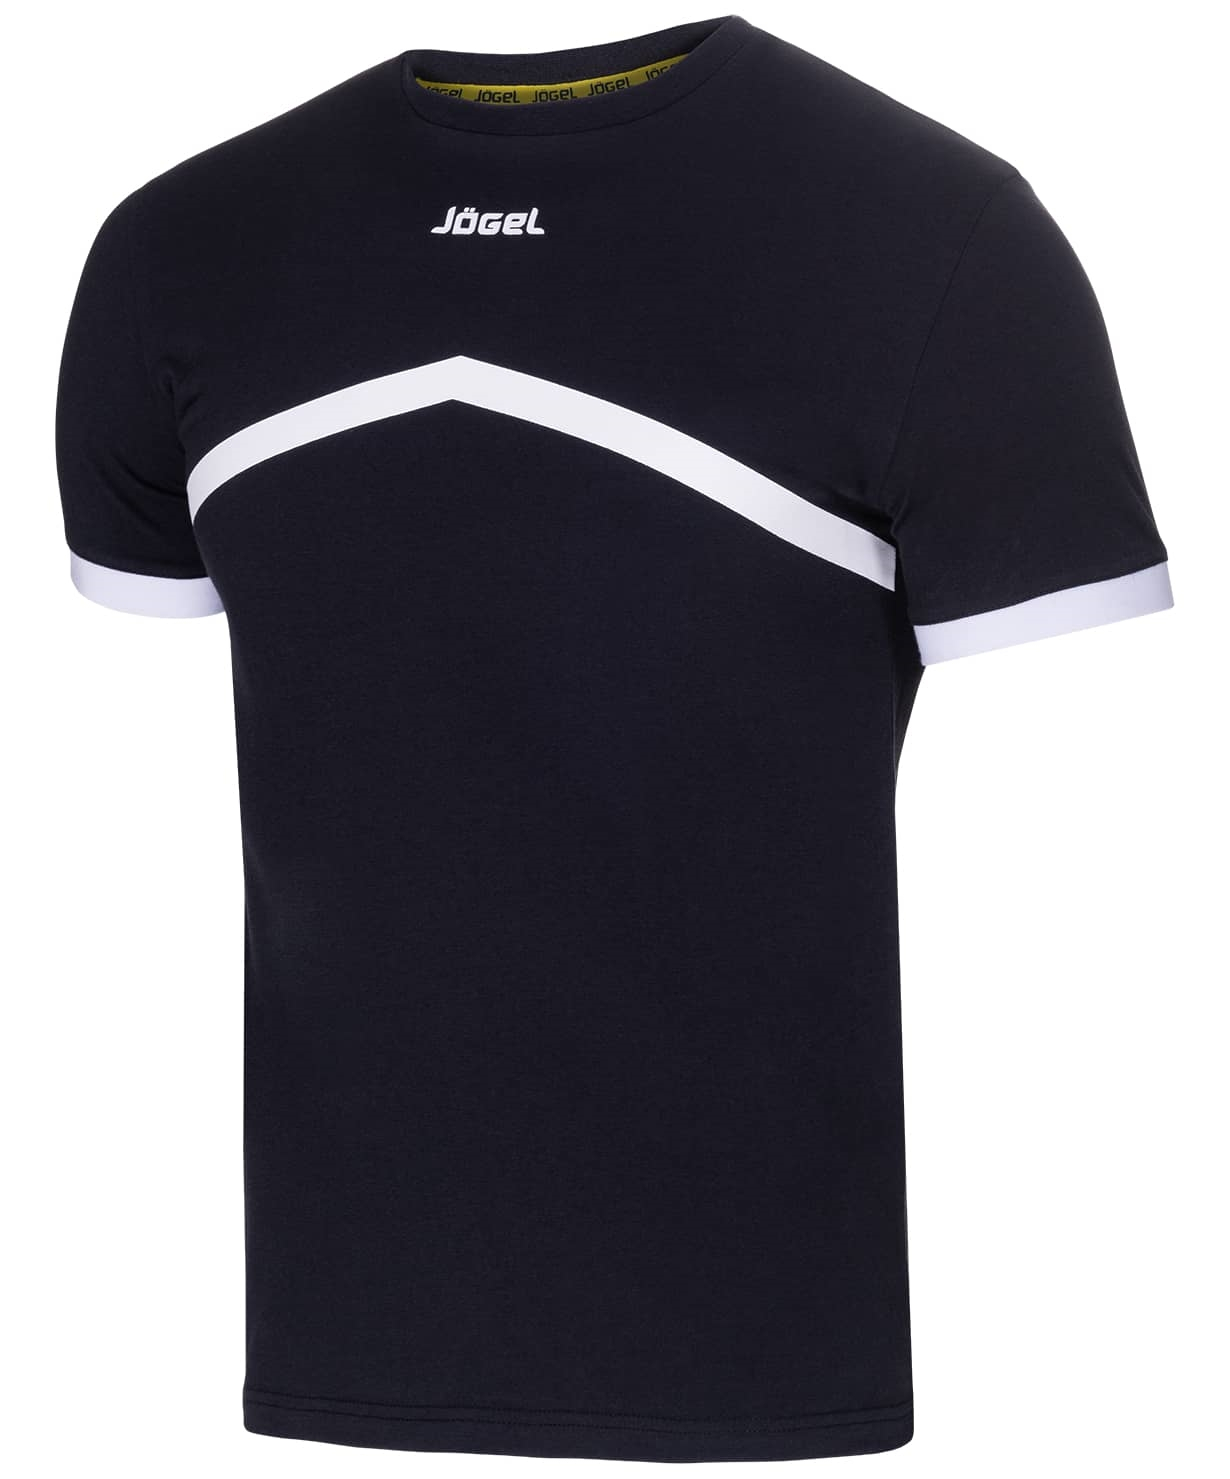 Футболка тренировочная детская JCT-1040-061, хлопок, черный/белый, детская